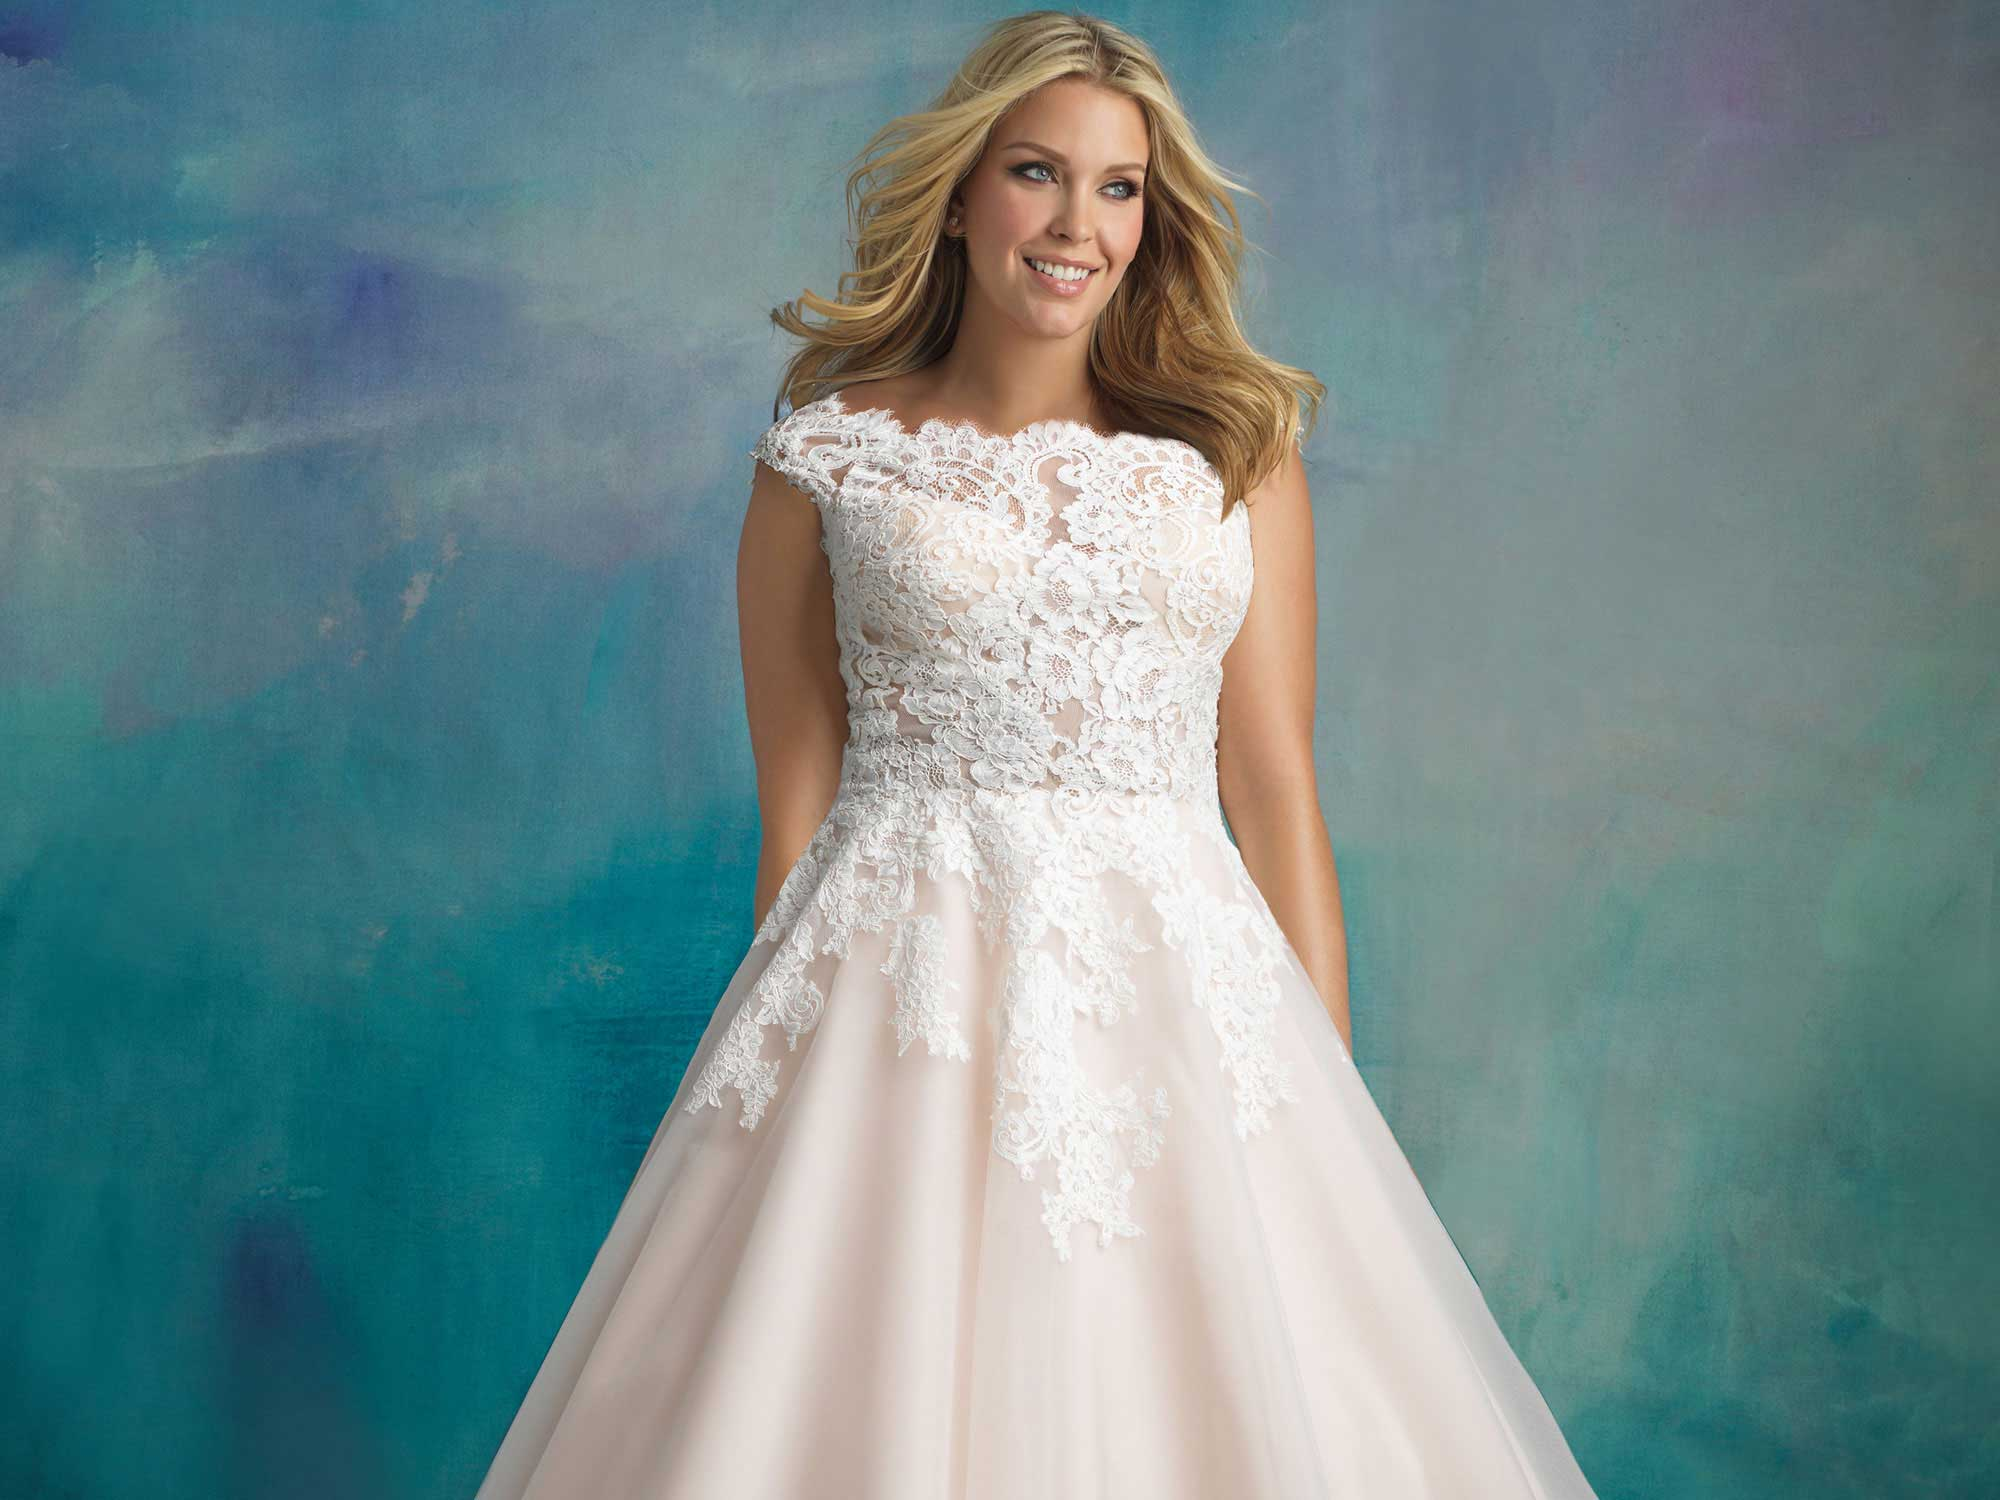 Plus Size Wedding Dress Shop London